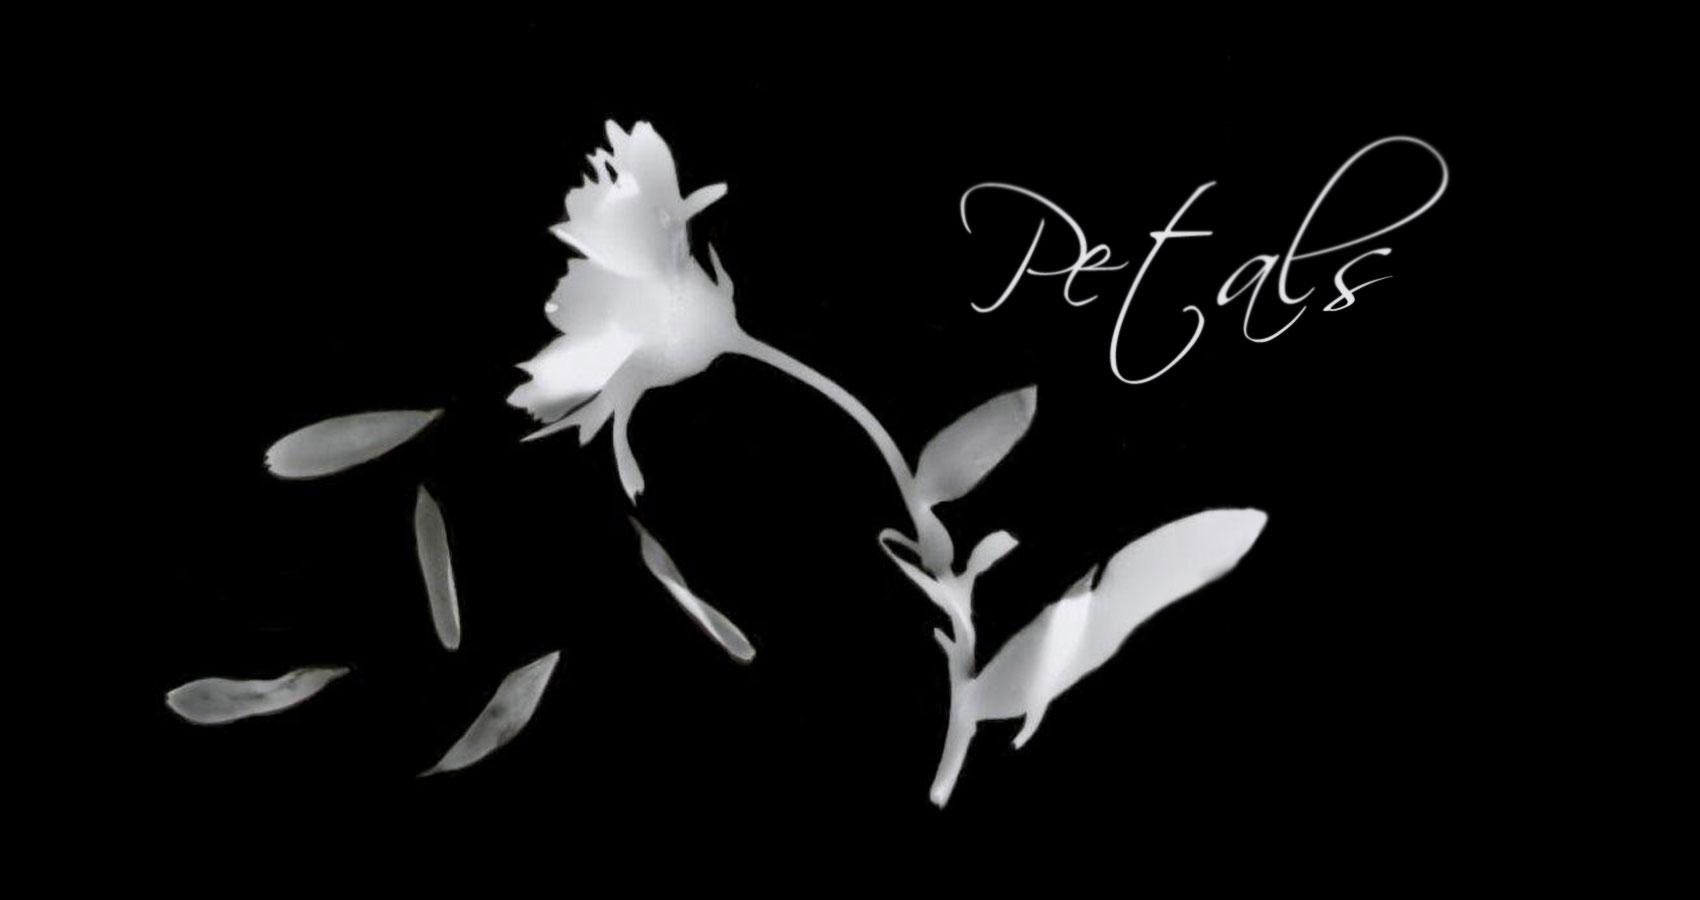 Petals, written by Steven Anton Butler at Spillwords.com